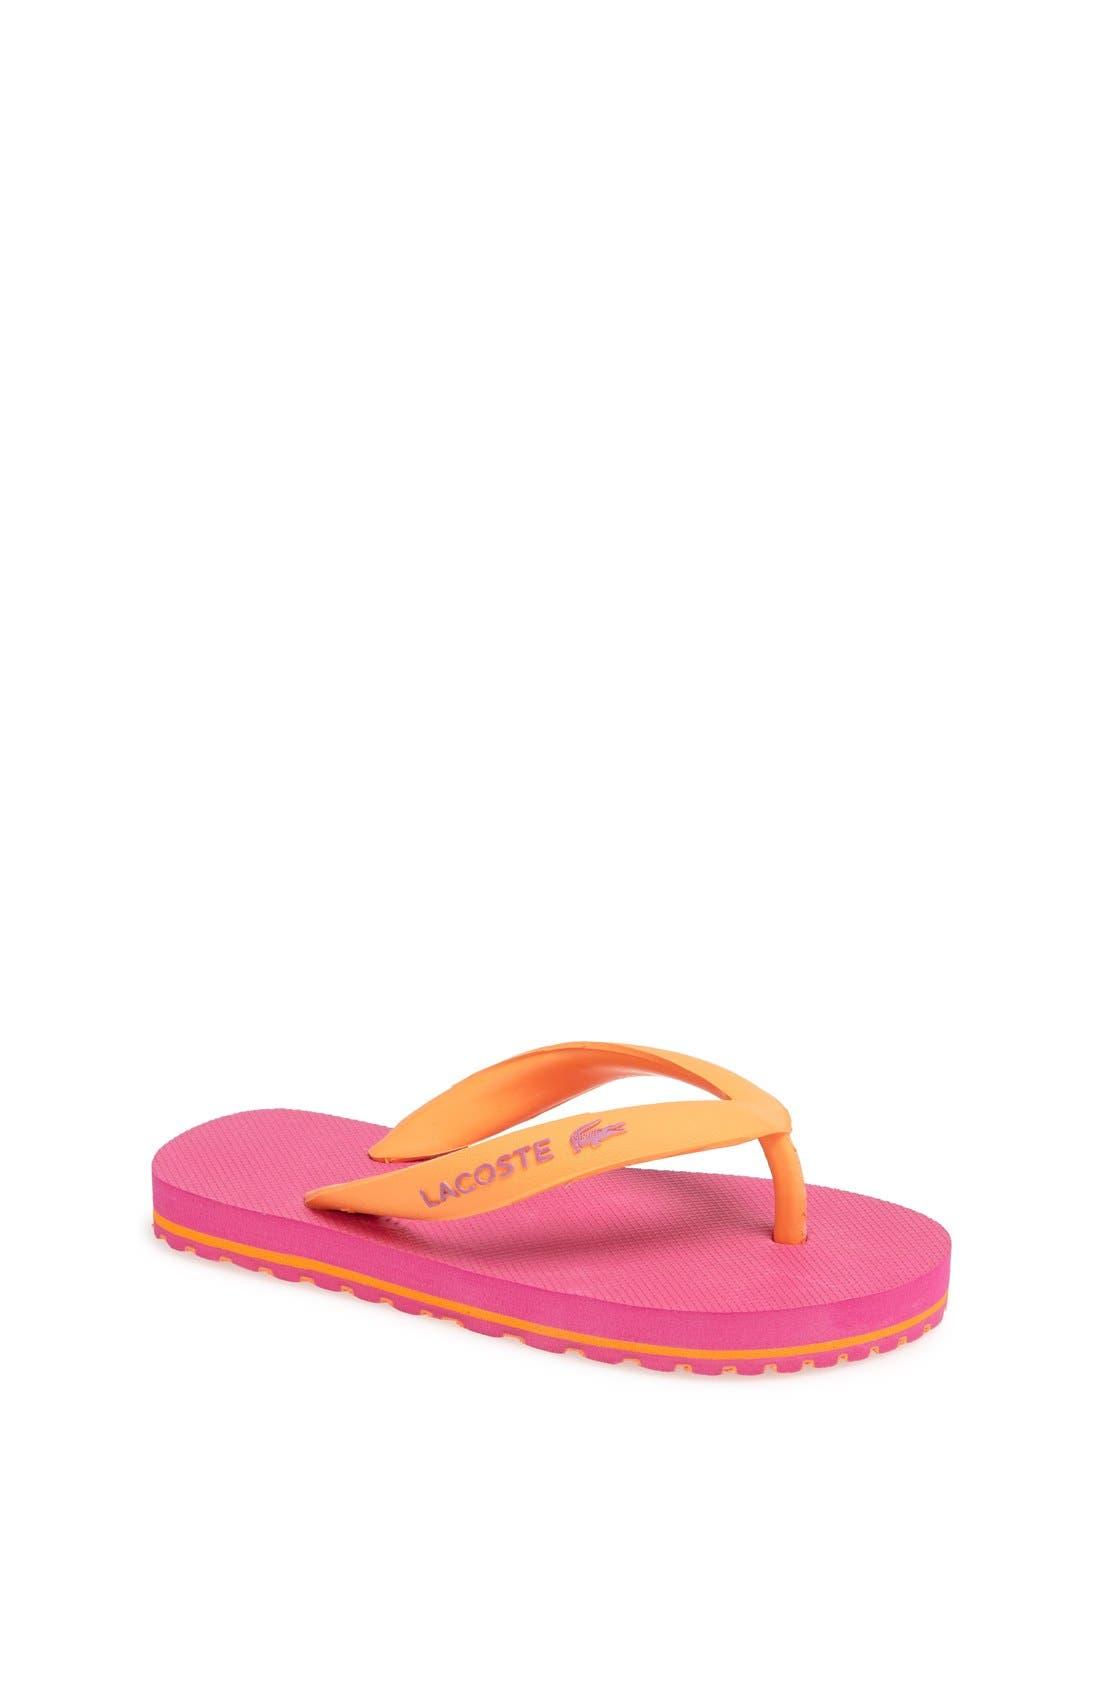 Alternate Image 1 Selected - Lacoste 'Nosara' Flip Flop (Toddler & Little Kid)